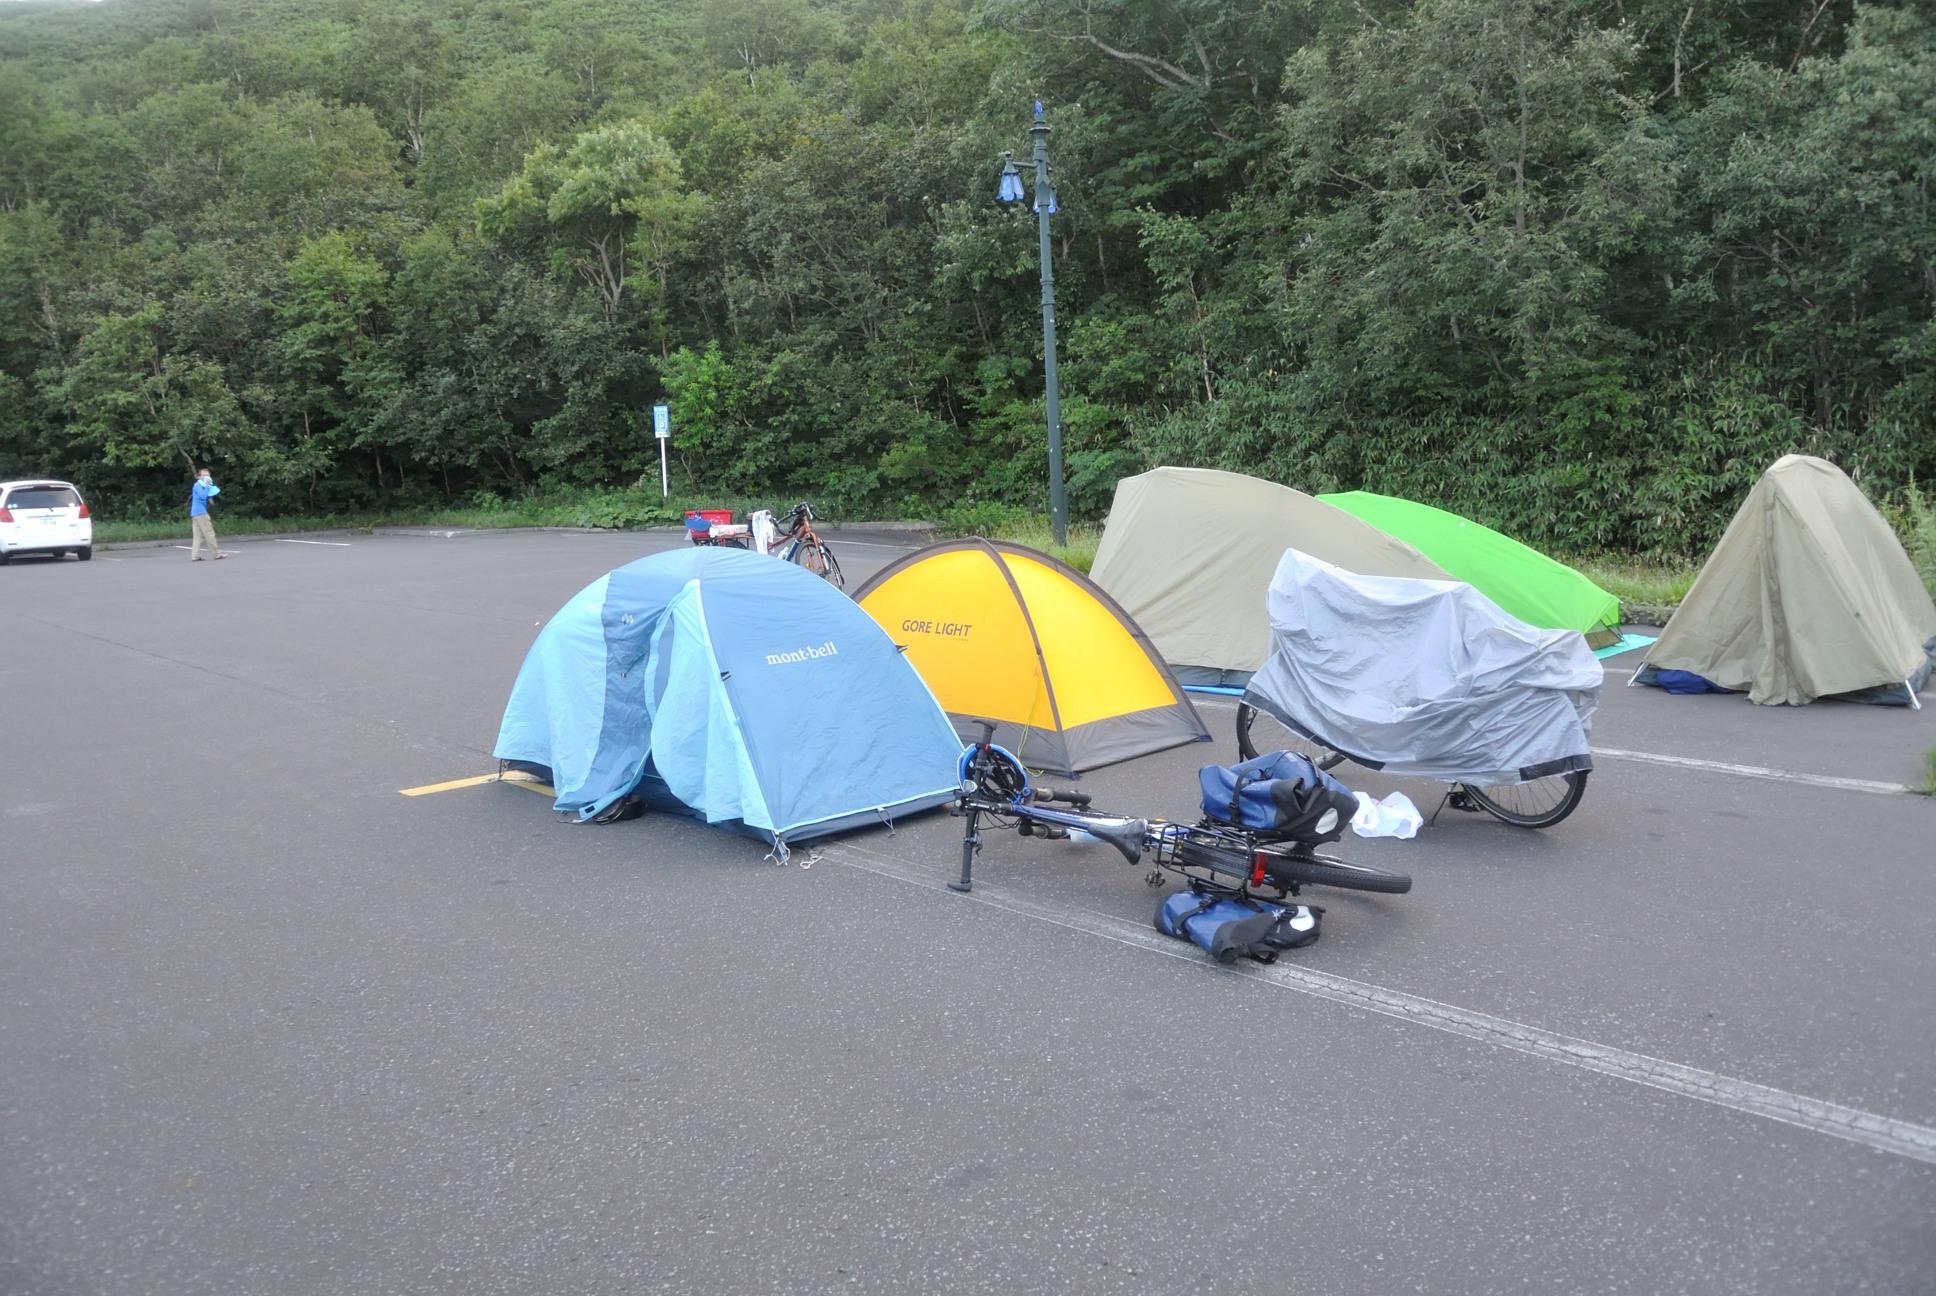 見返り展望台に突如現れたキャンプサイト